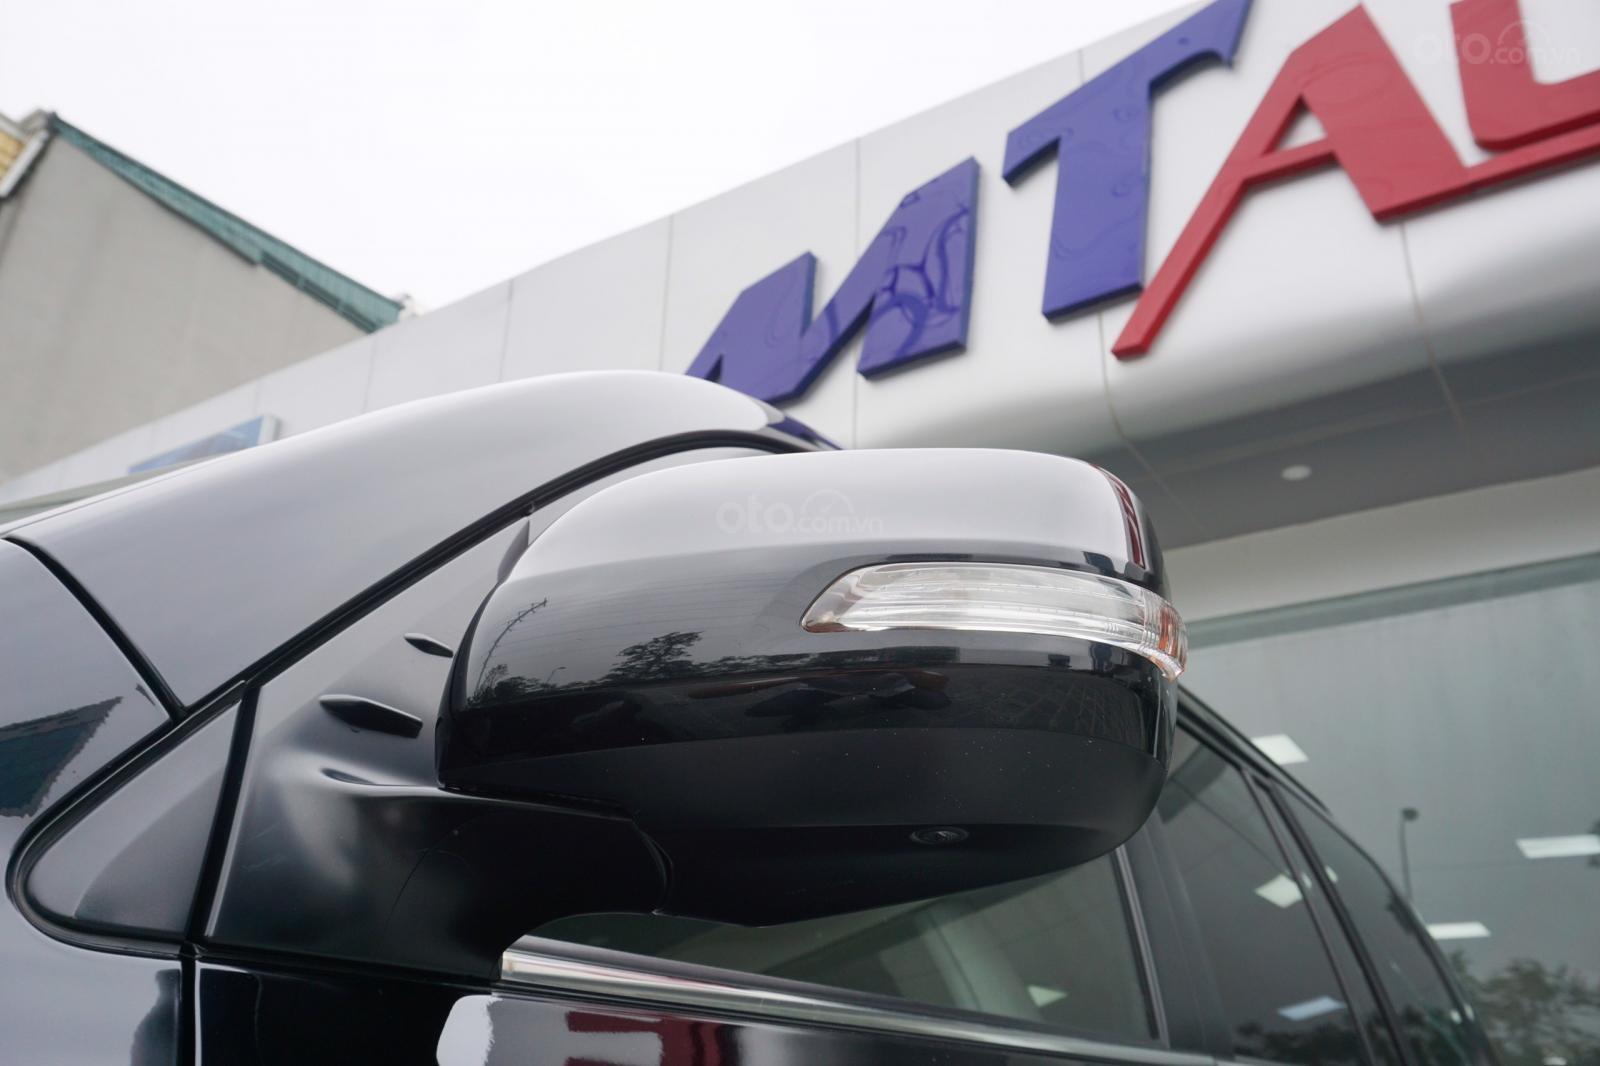 Bán Toyota Land Cruiser 5.7 2015, màu đen, xe nhập Mỹ, LH Ms Hương 094.539.2468 (18)